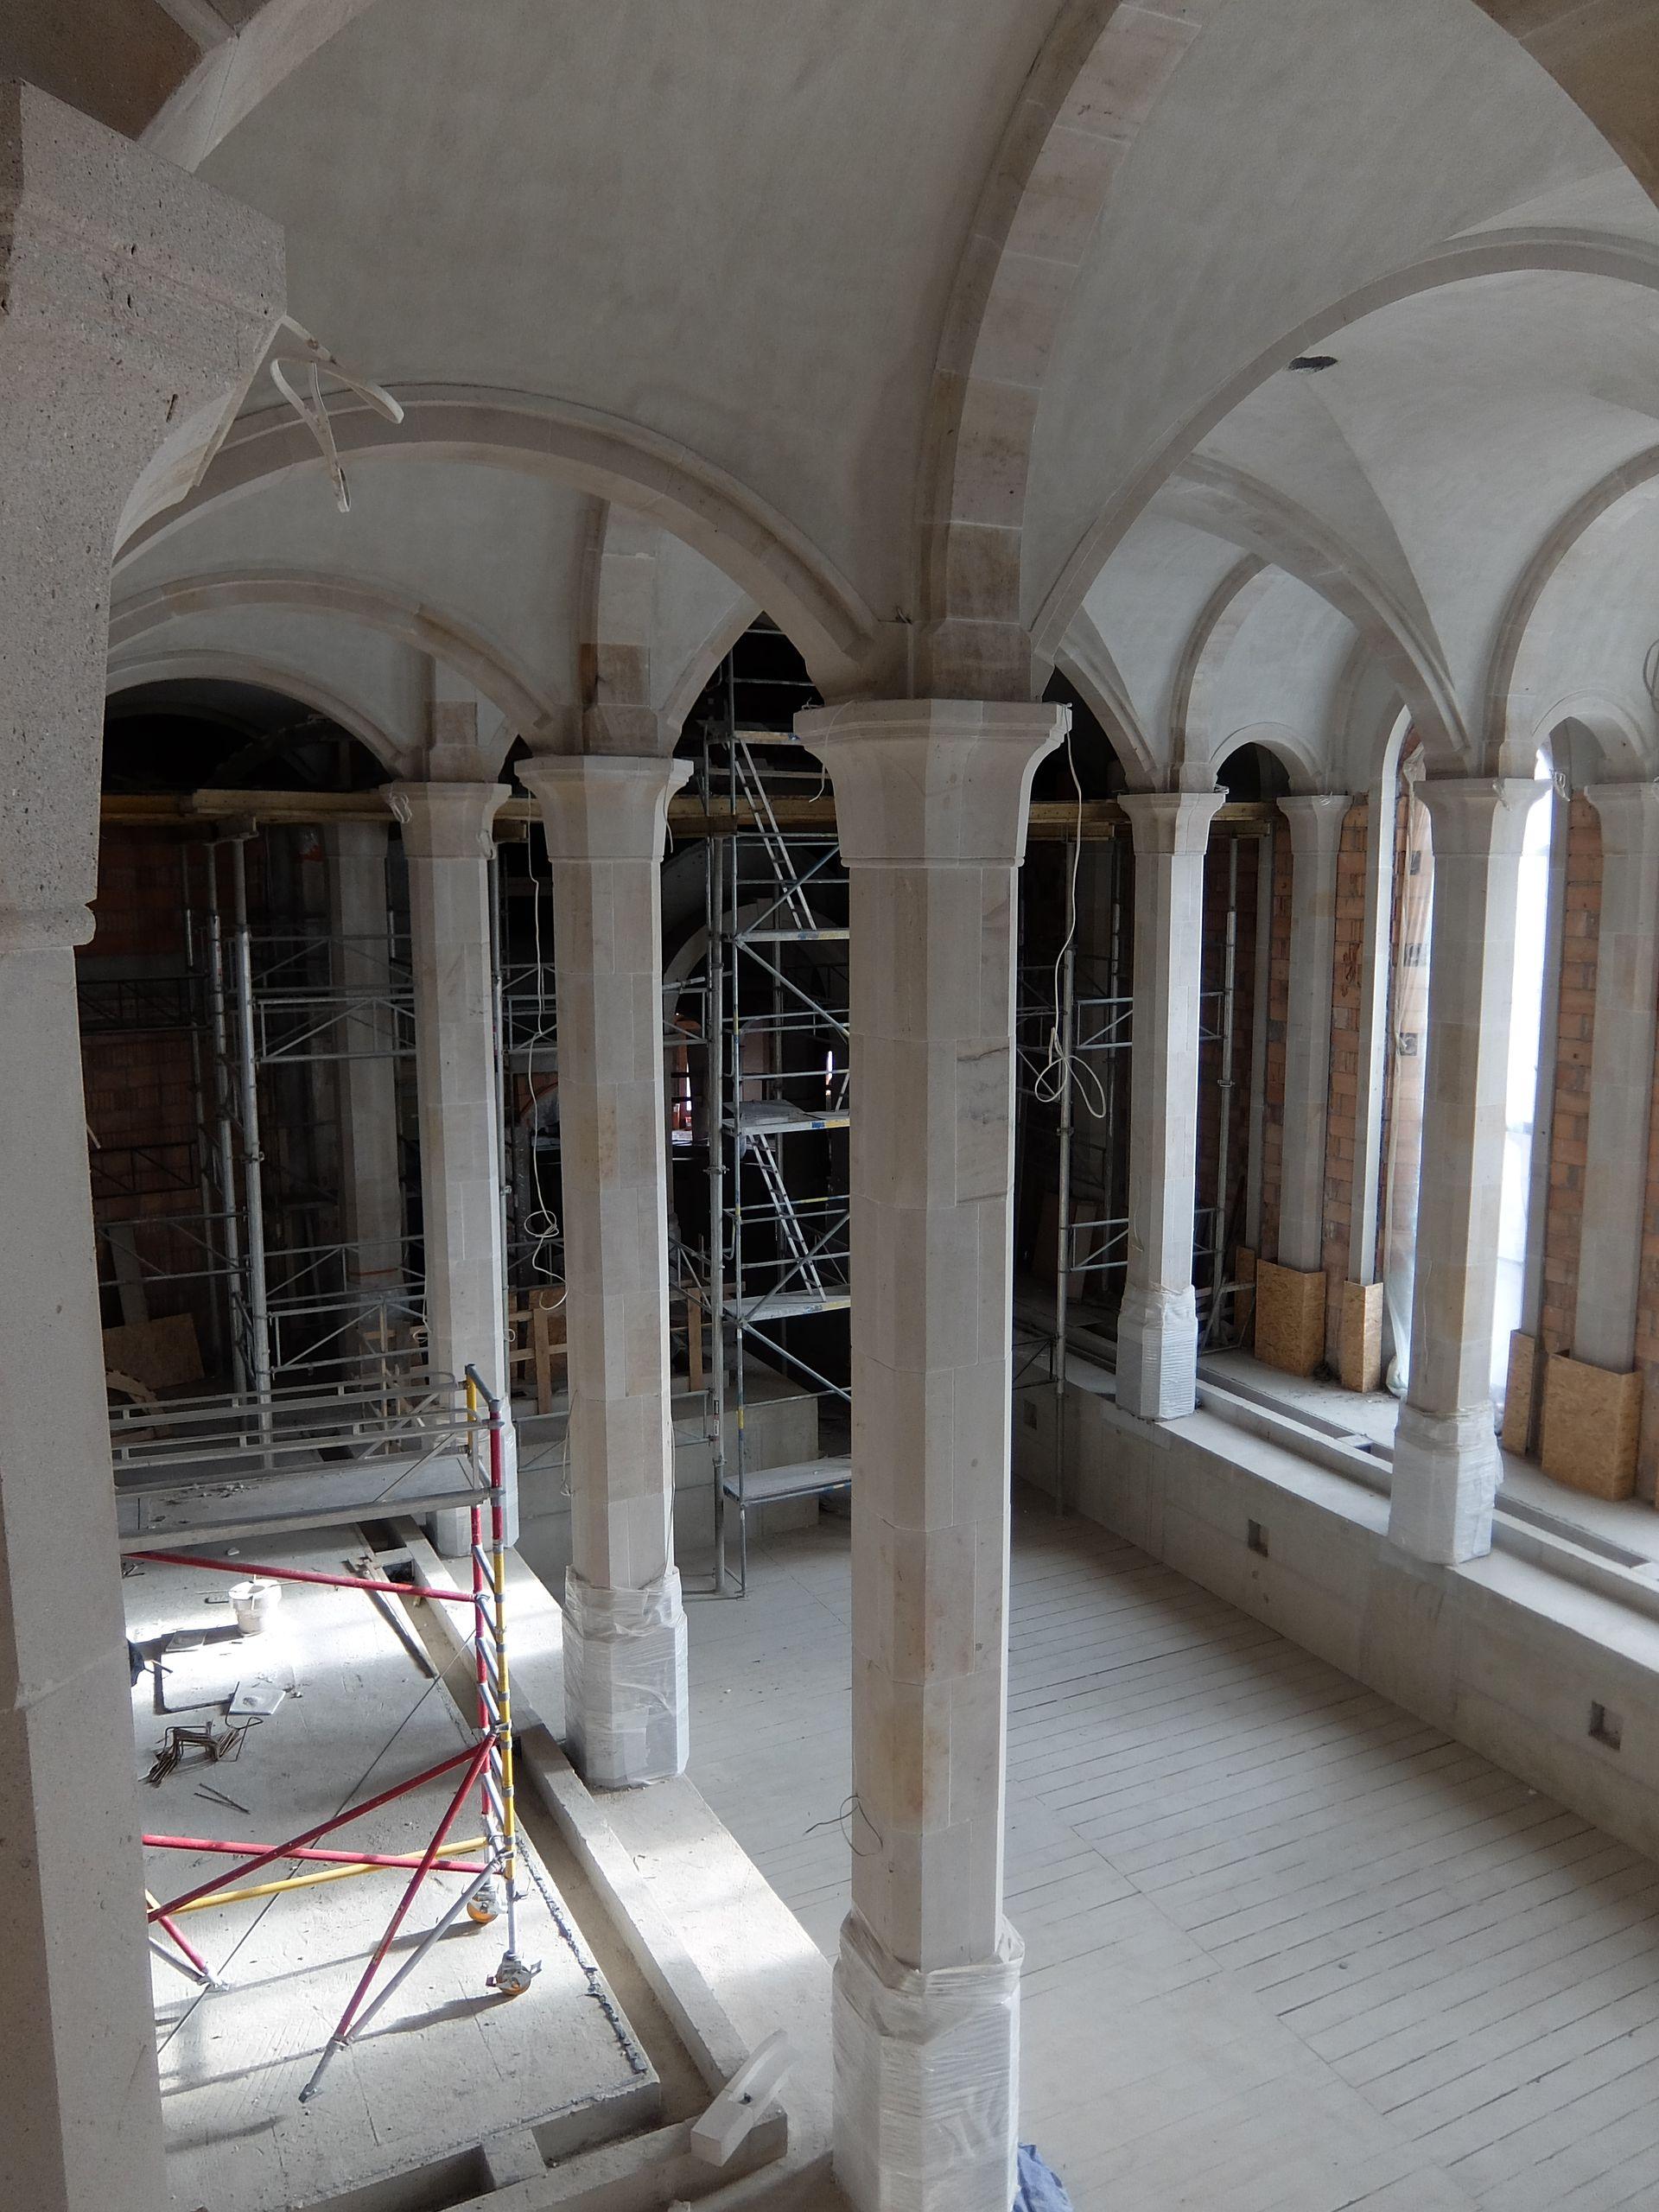 Zamek charakteryzują średniowieczne sklepienia. Taka przestrzeń będzie czekała na gości hotelu - o ile uda się go uruchomić.